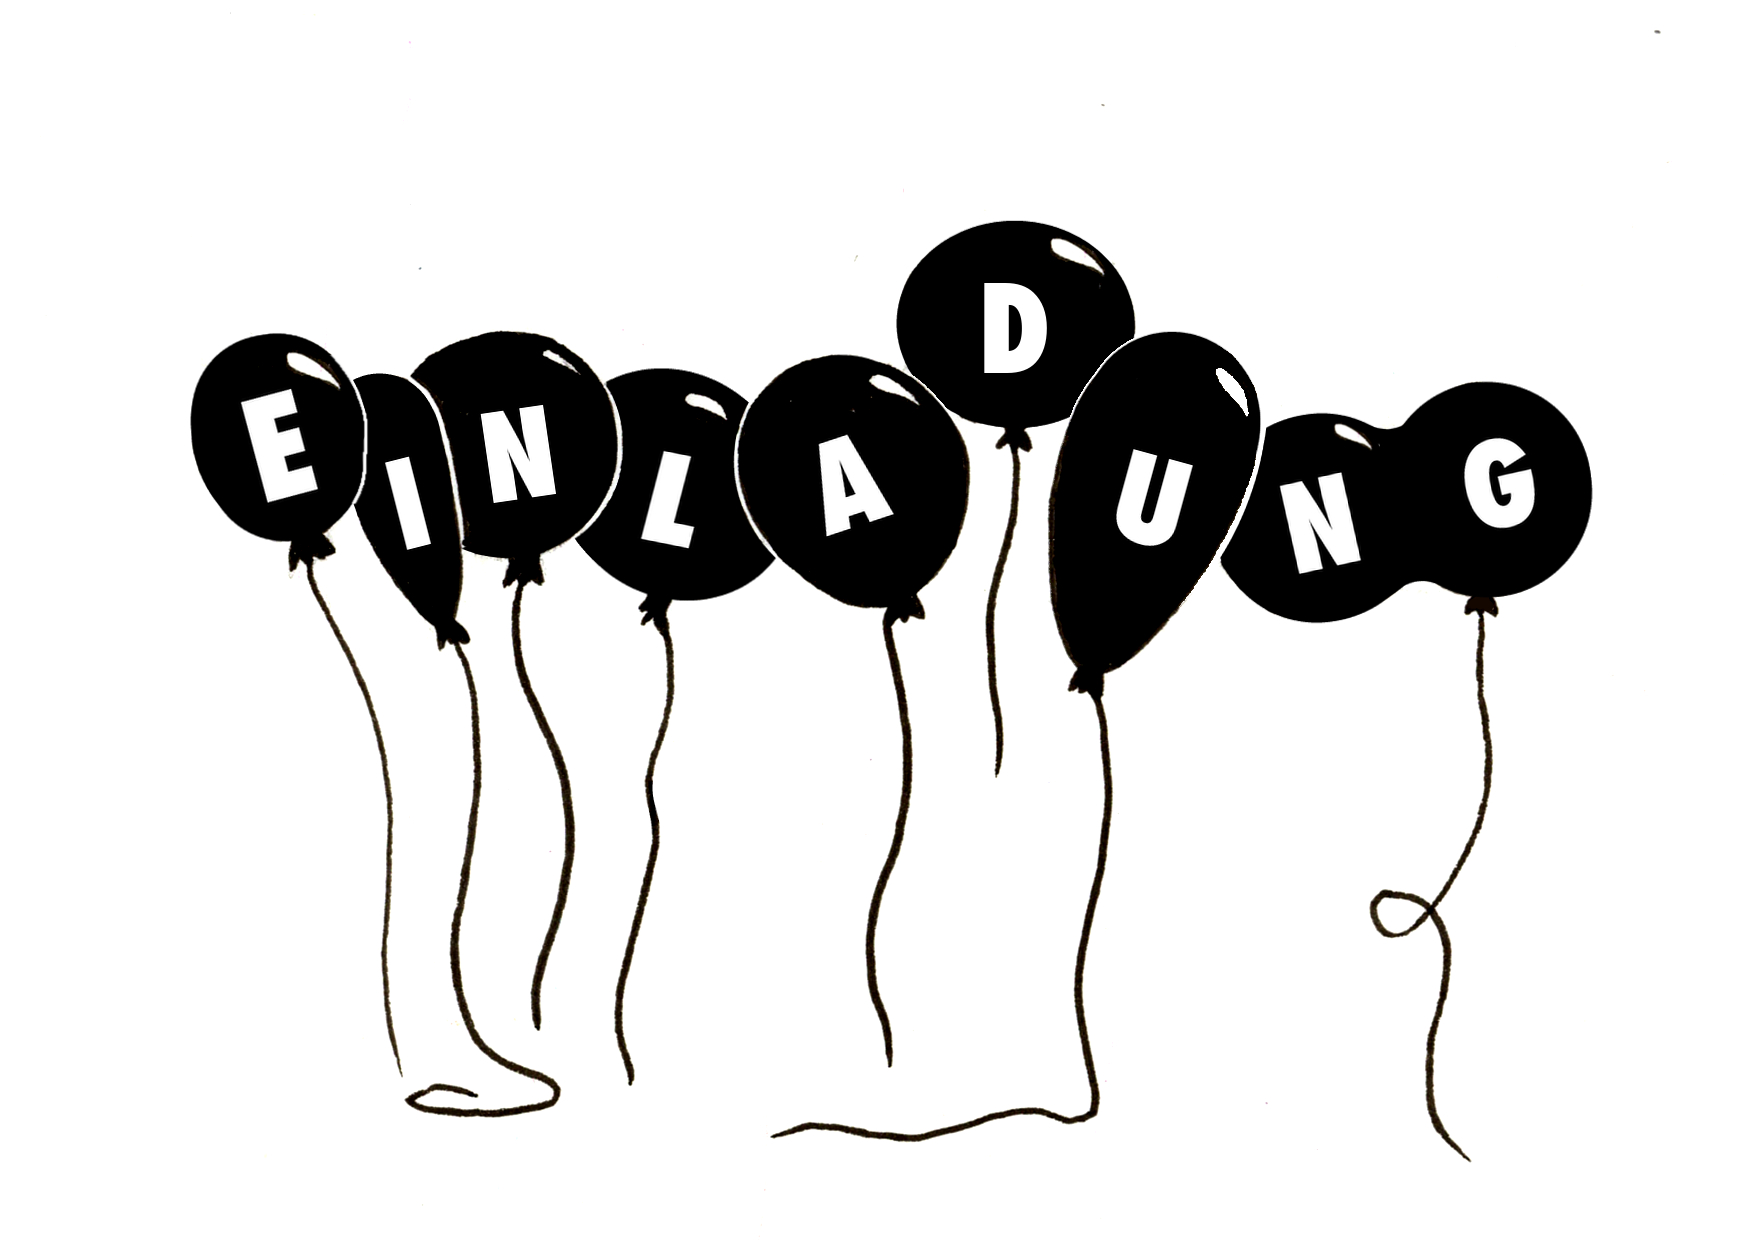 lutballon mit bild und schrift